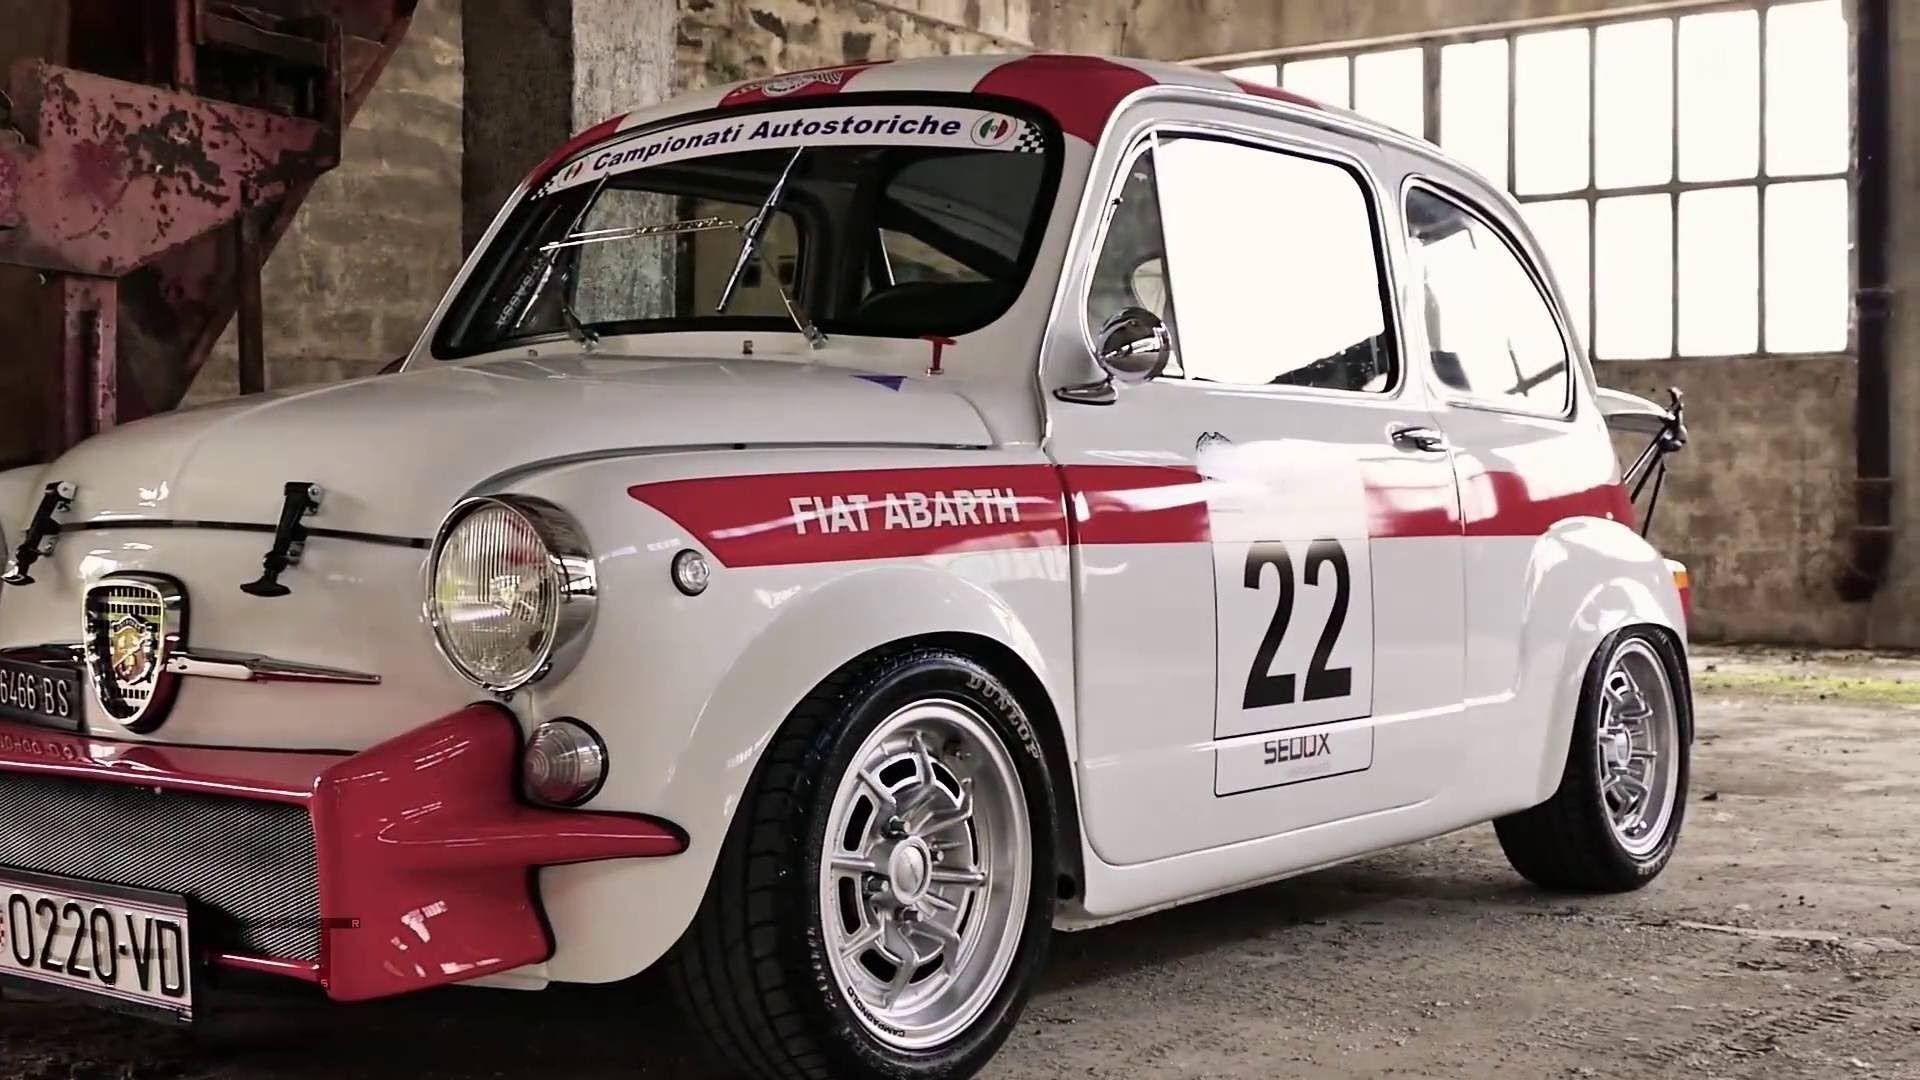 Fiat Abarth 850 Tc Shift Auto Moto Magazin Con Immagini